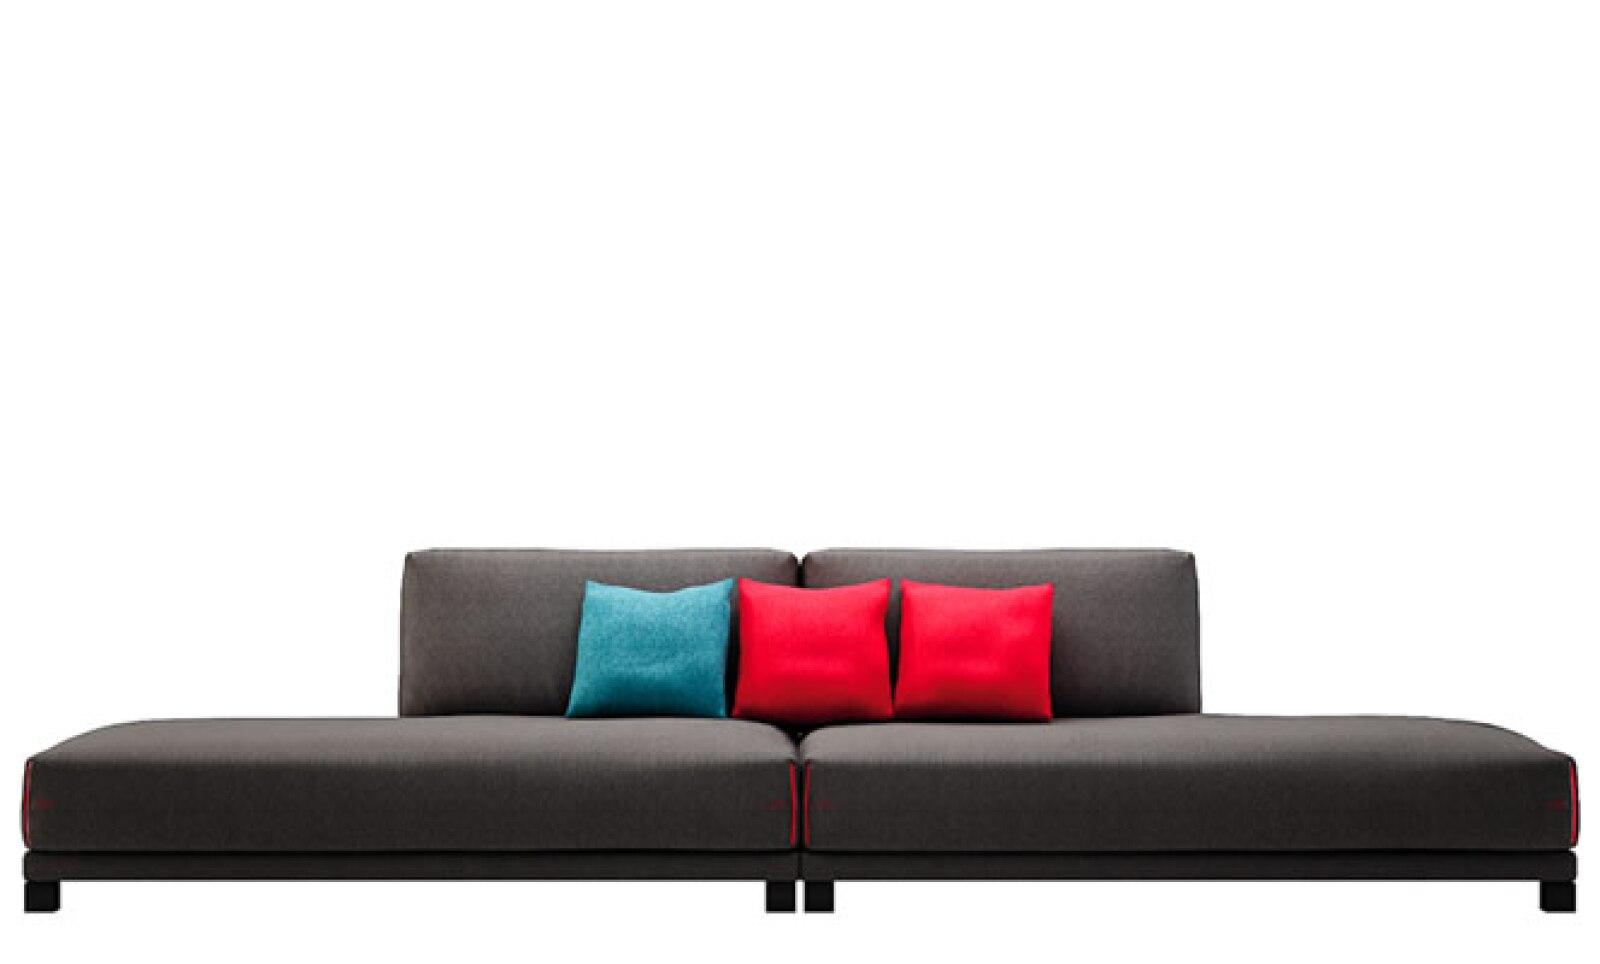 Este sofá de Natuzzi se puede ampliar de la parte de atrás para cambiar completamente su apariencia.